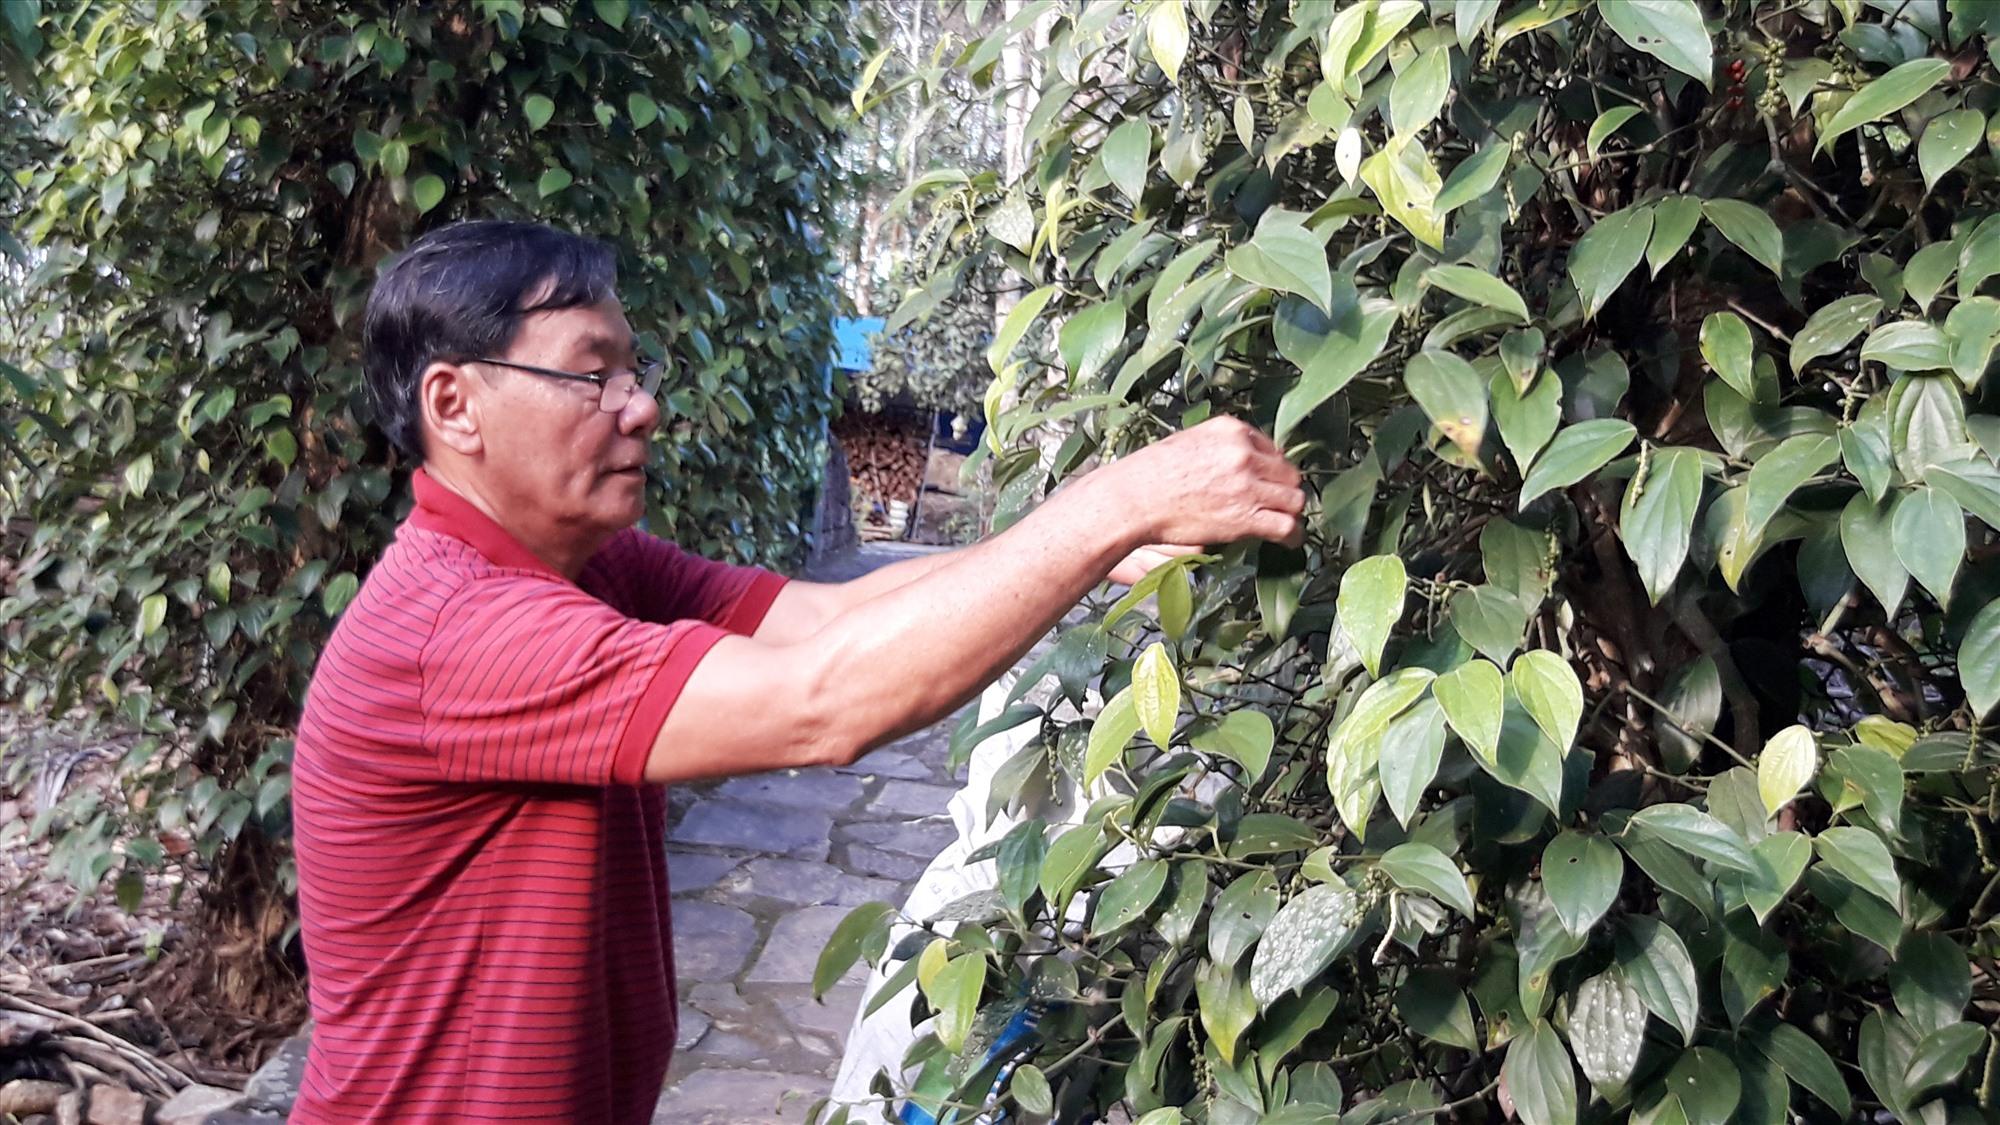 Mô hình trồng tiêu của gia đình ông Nguyễn Đình Lăng (thôn 3), Tiên Hiệp. Ảnh: H.H